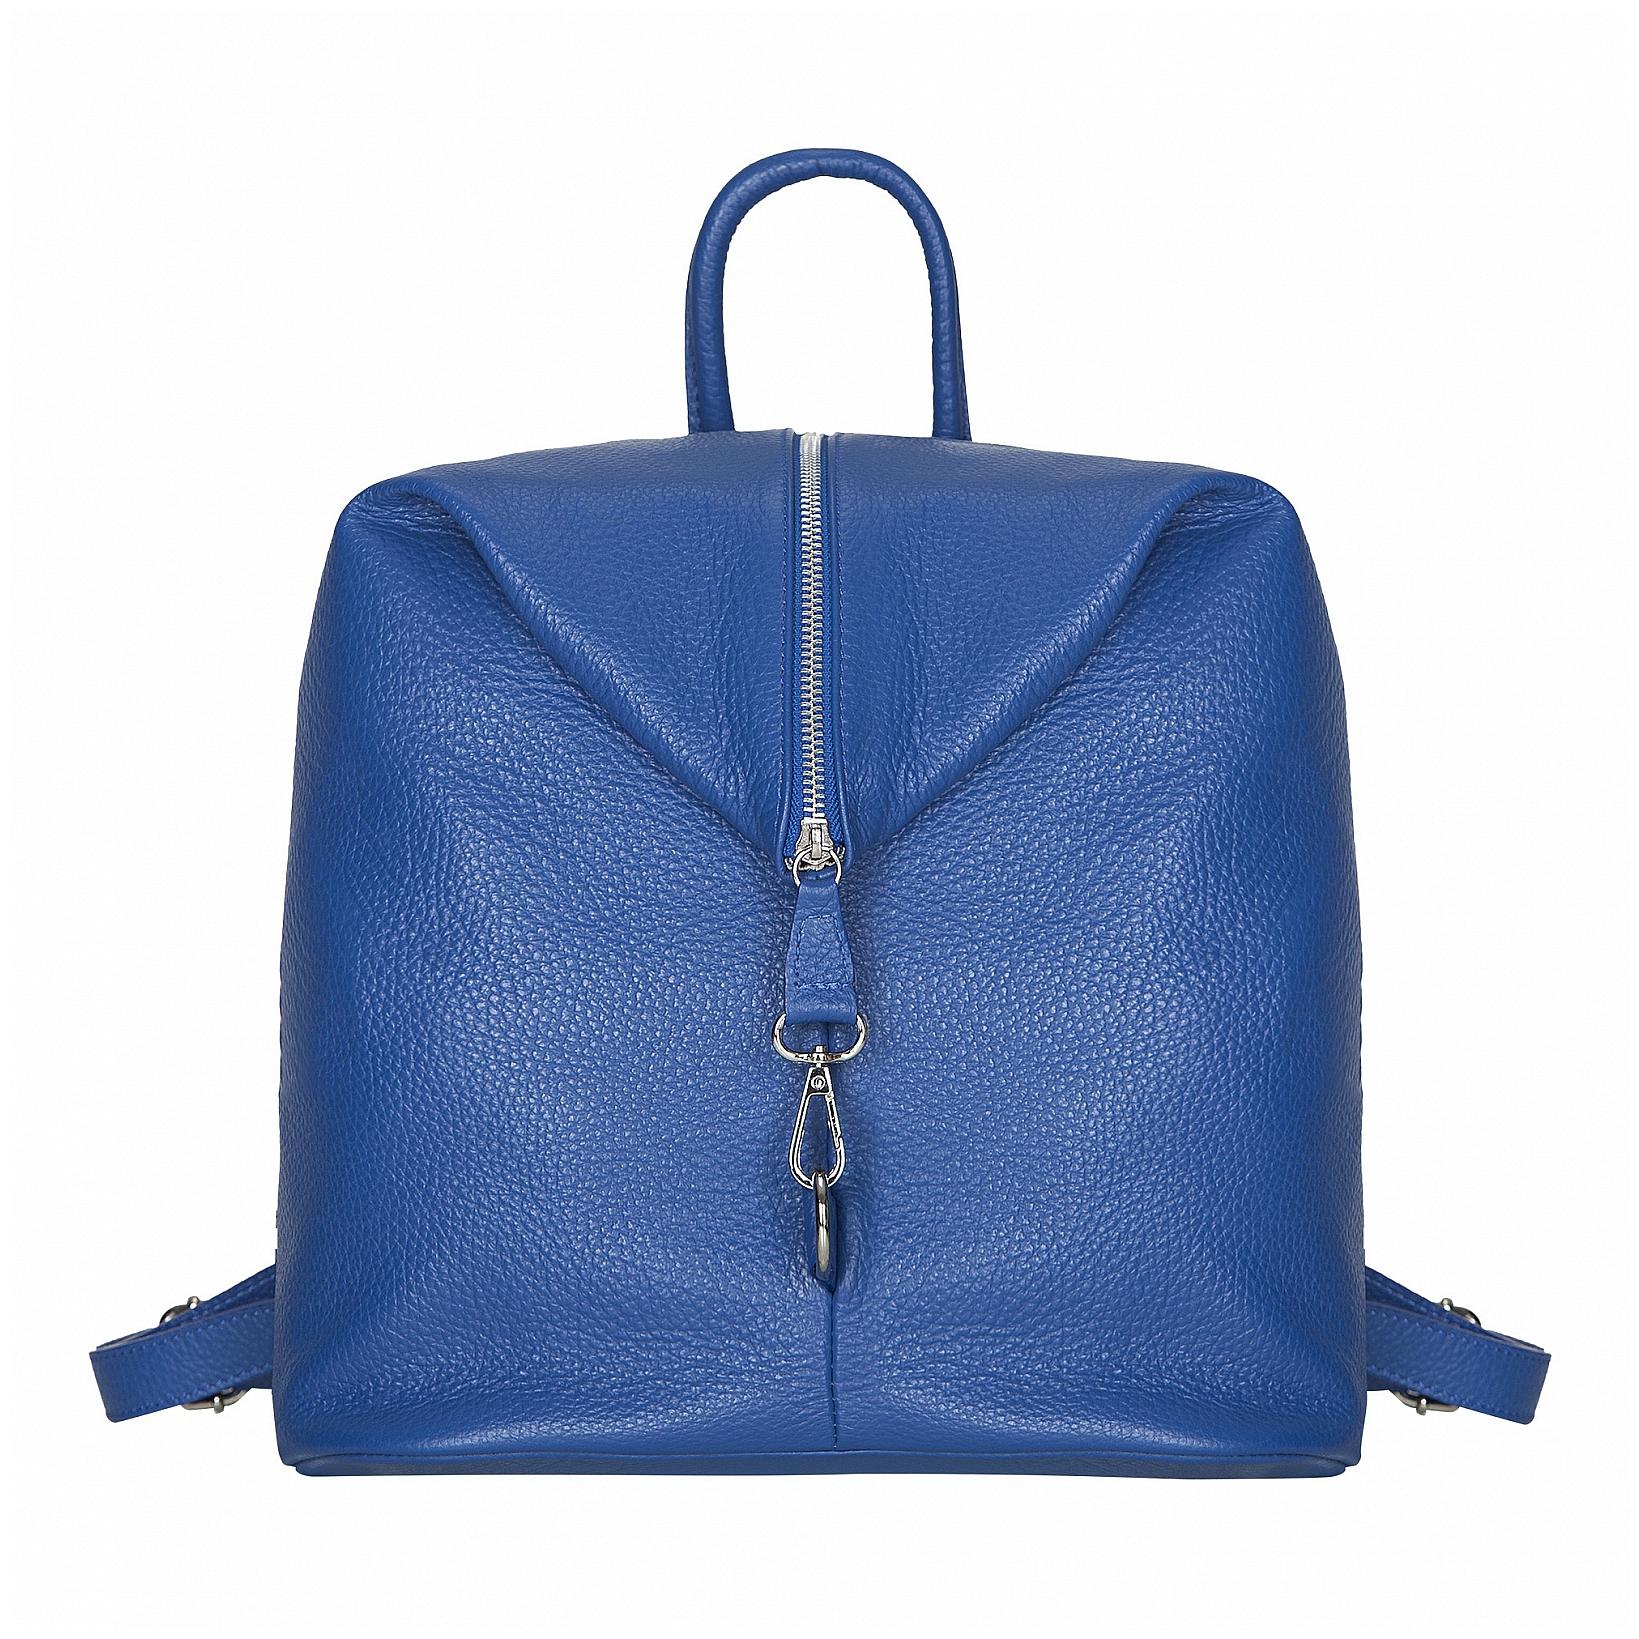 ESTELLE Dámský kožený batoh 1252 modrý